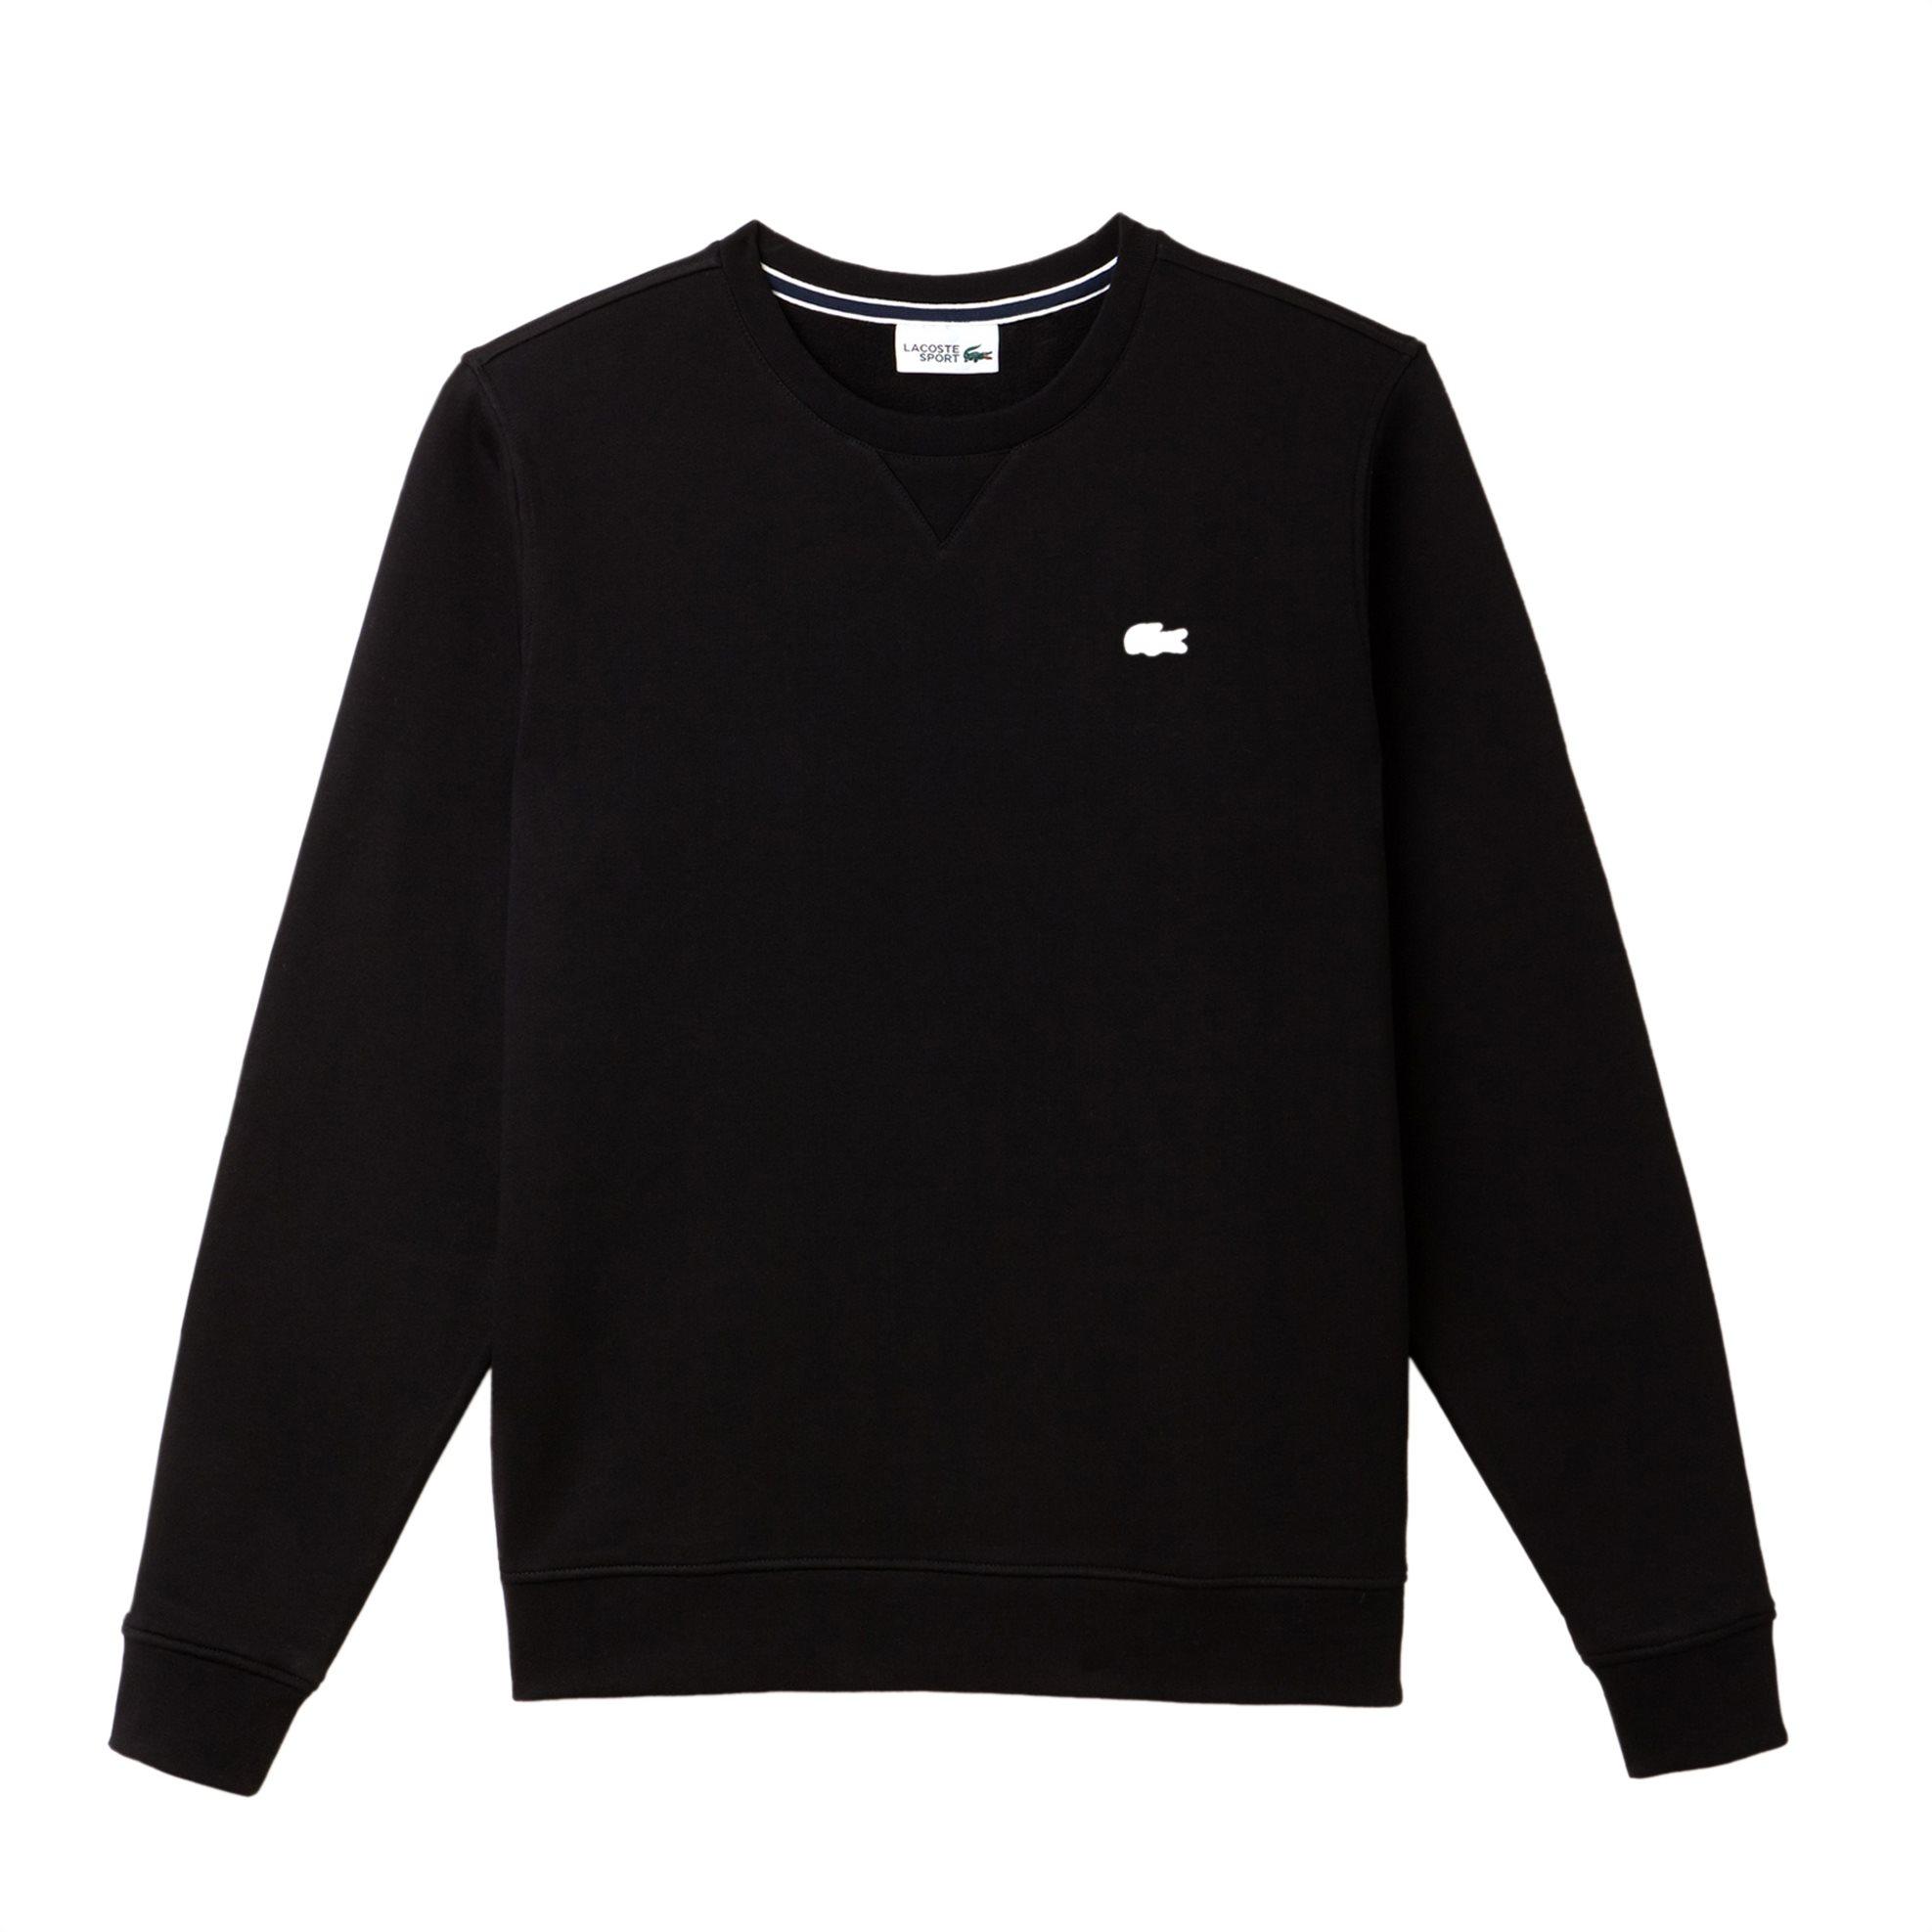 Lacoste ανδρική μπλούζα φούτερ μονόχρωμη The Spring / Summer 2018 Tennis Collect ανδρασ   ρουχα   μπλούζες   φούτερ   ζακέτες